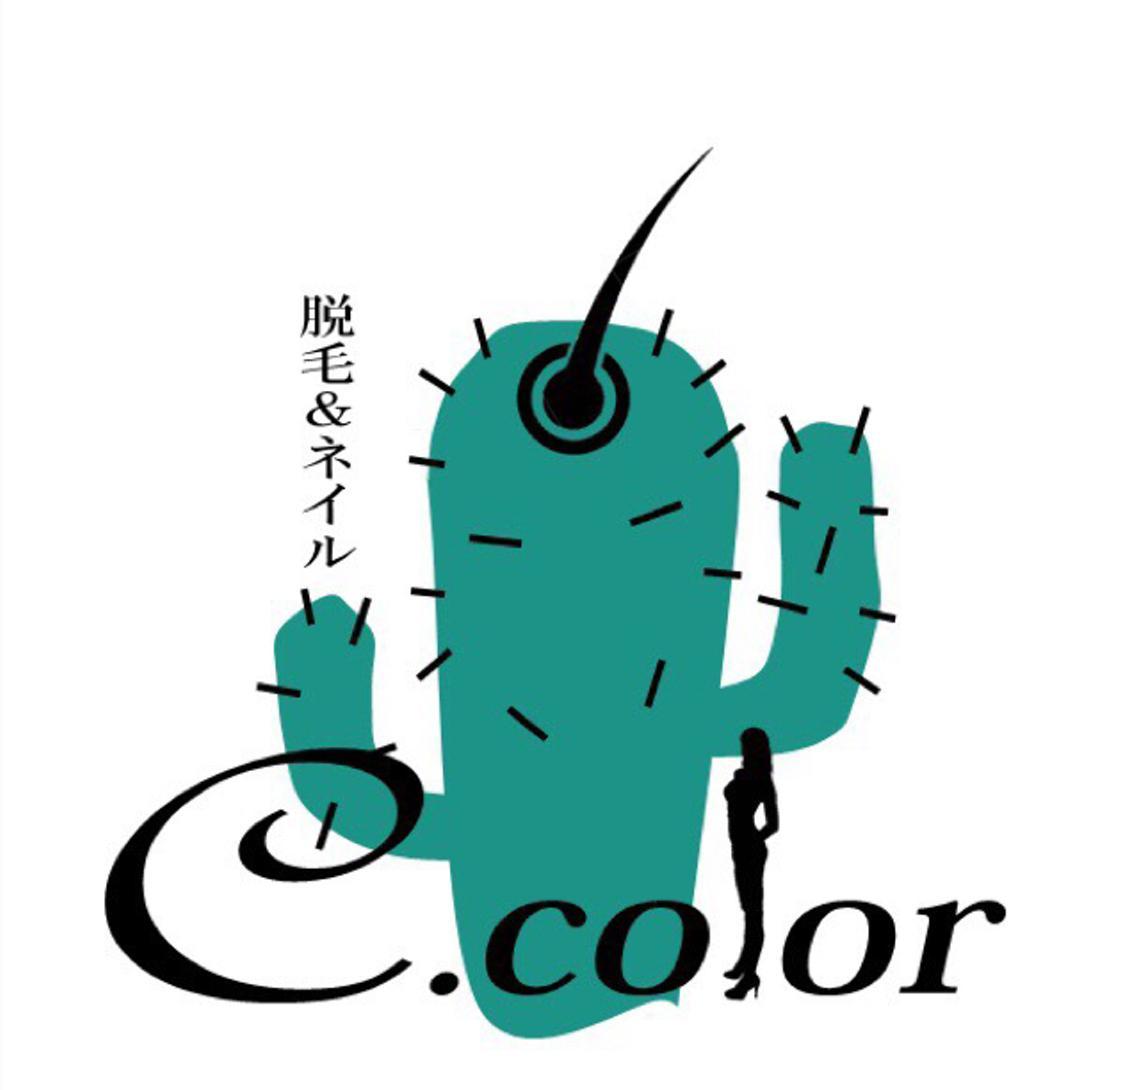 C.color所属・C.colorシーカラーの掲載